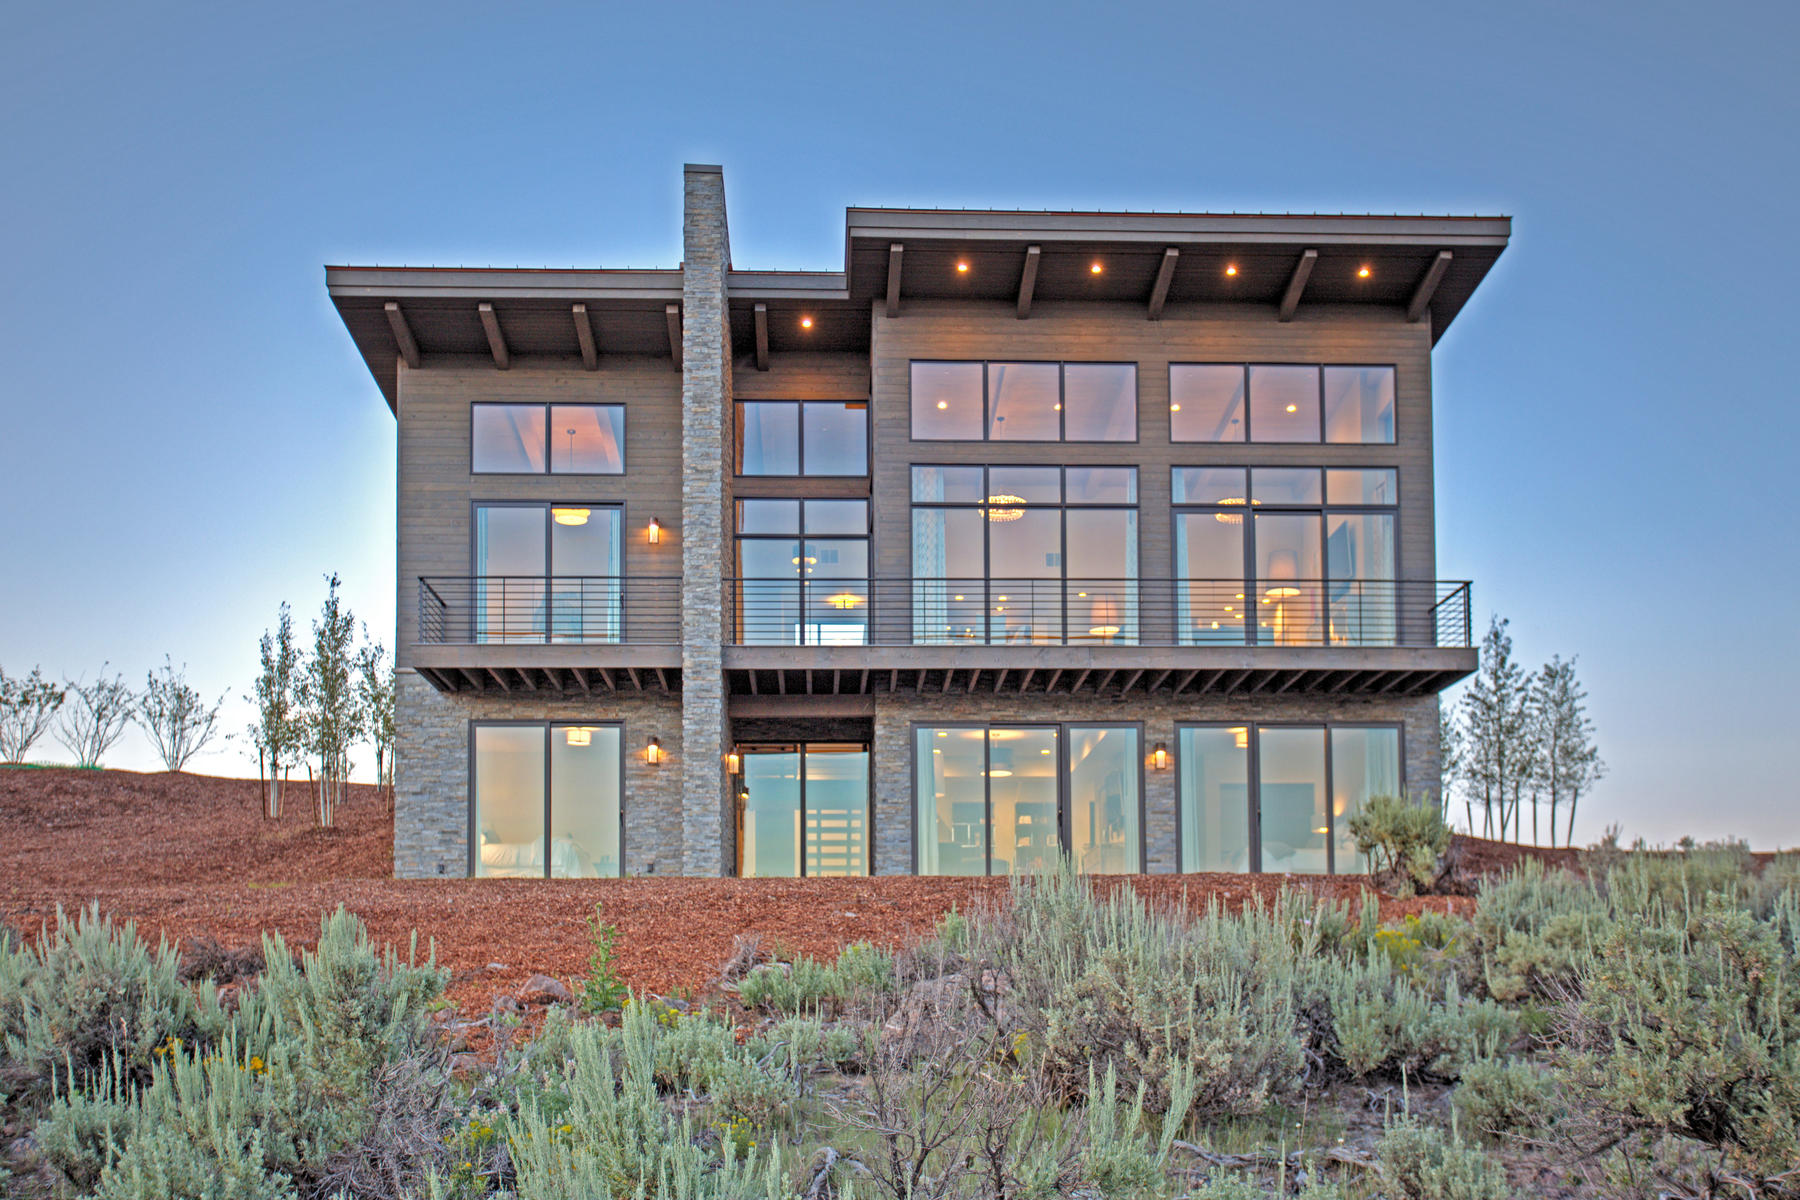 Частный односемейный дом для того Продажа на Modern Luxury In Your Mountain Escape 6658 Badger Ct Lot #44 Park City, Юта, 84098 Соединенные Штаты